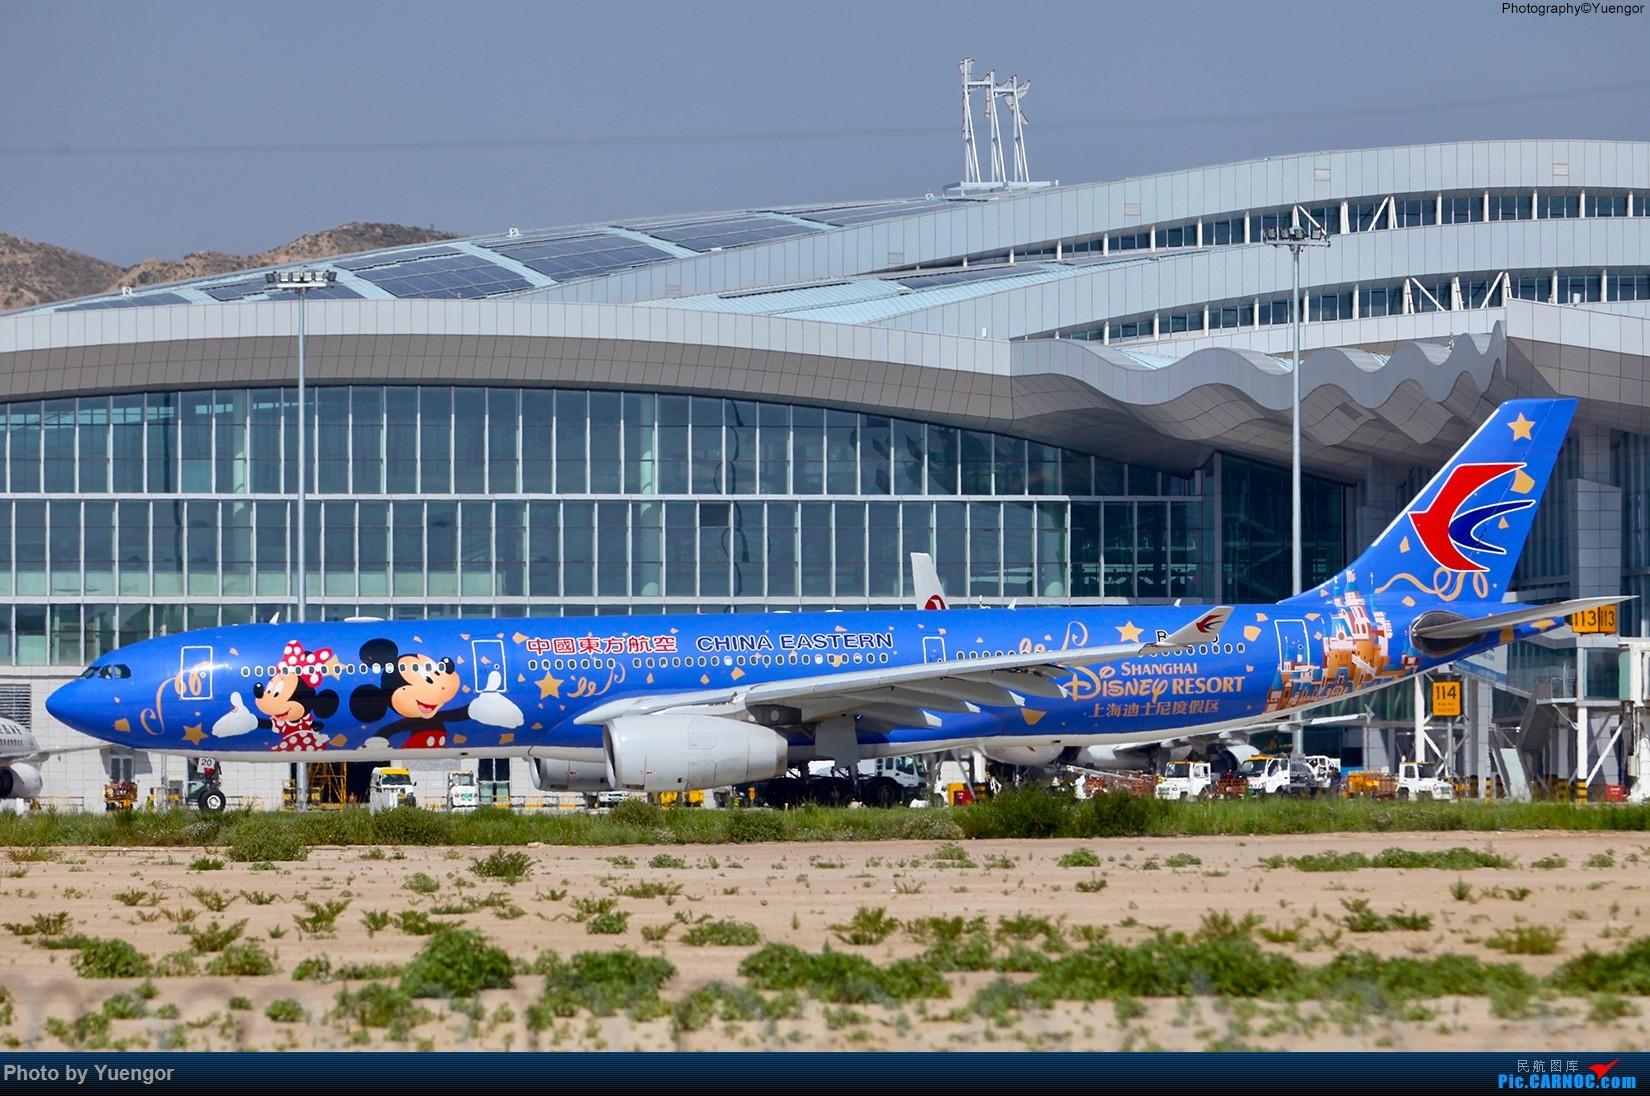 Re:[原创]【兰州飞友会】2016LHW本场拍机 原谅发图晚 AIRBUS A330-300 B-6120 中国兰州中川国际机场